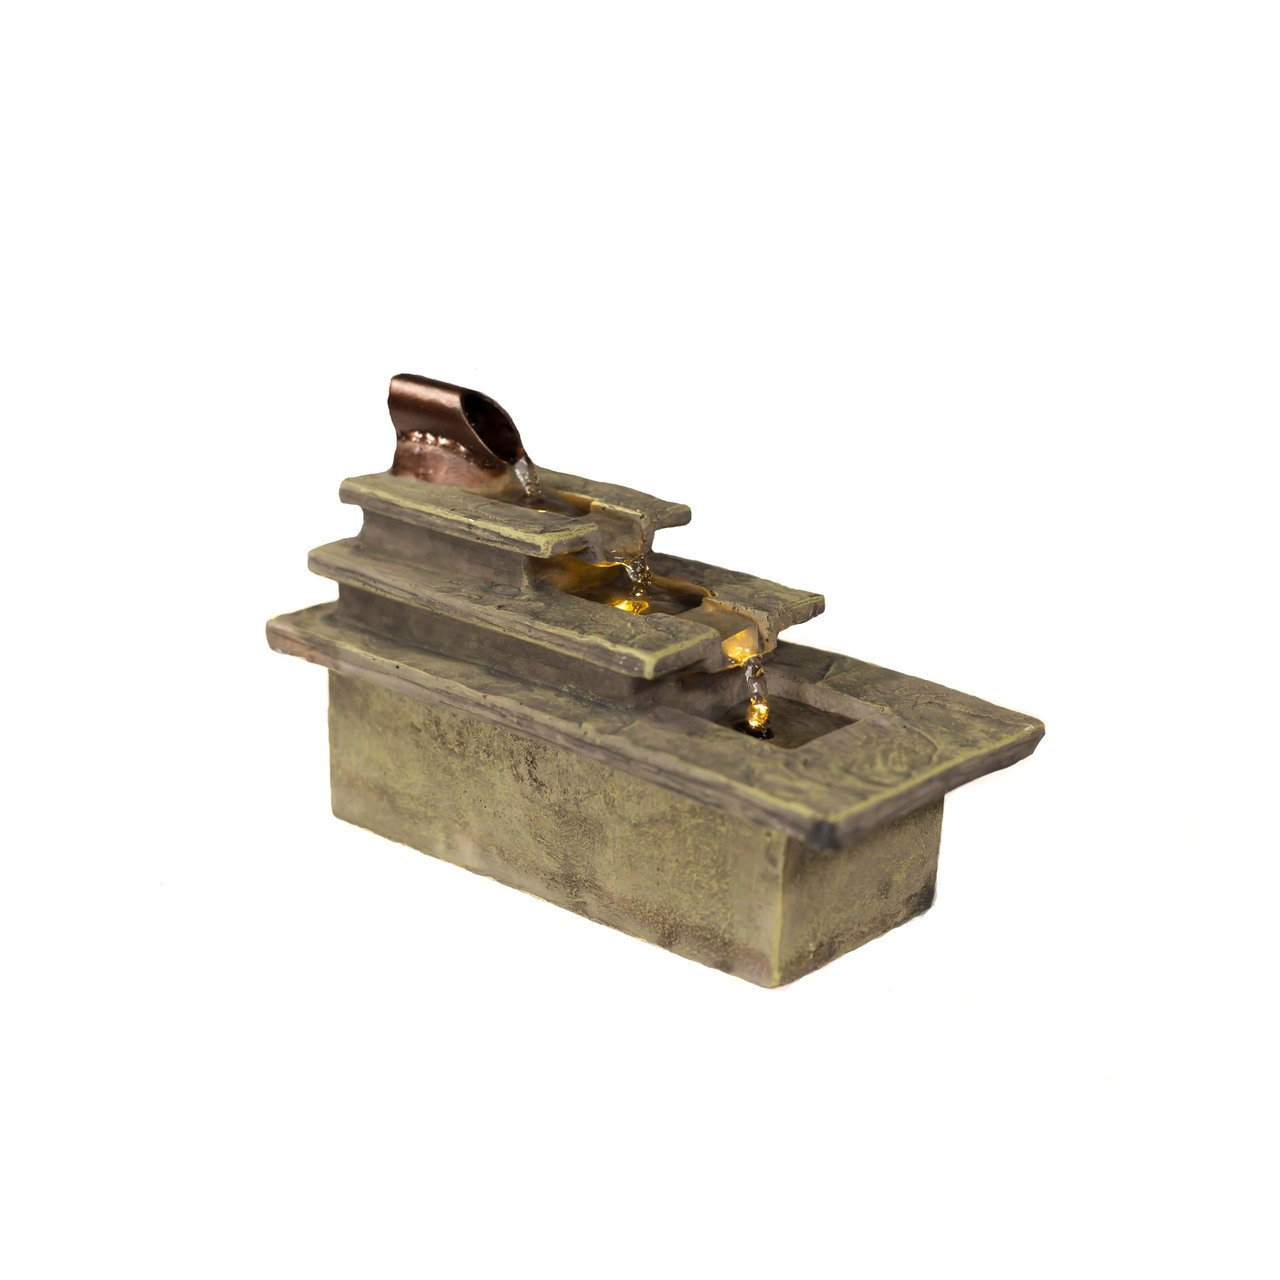 Sunnydaze Cascading Tri-Step Tabletop Fountain with LED Light, 5.5-Inch Sunnydaze Decor